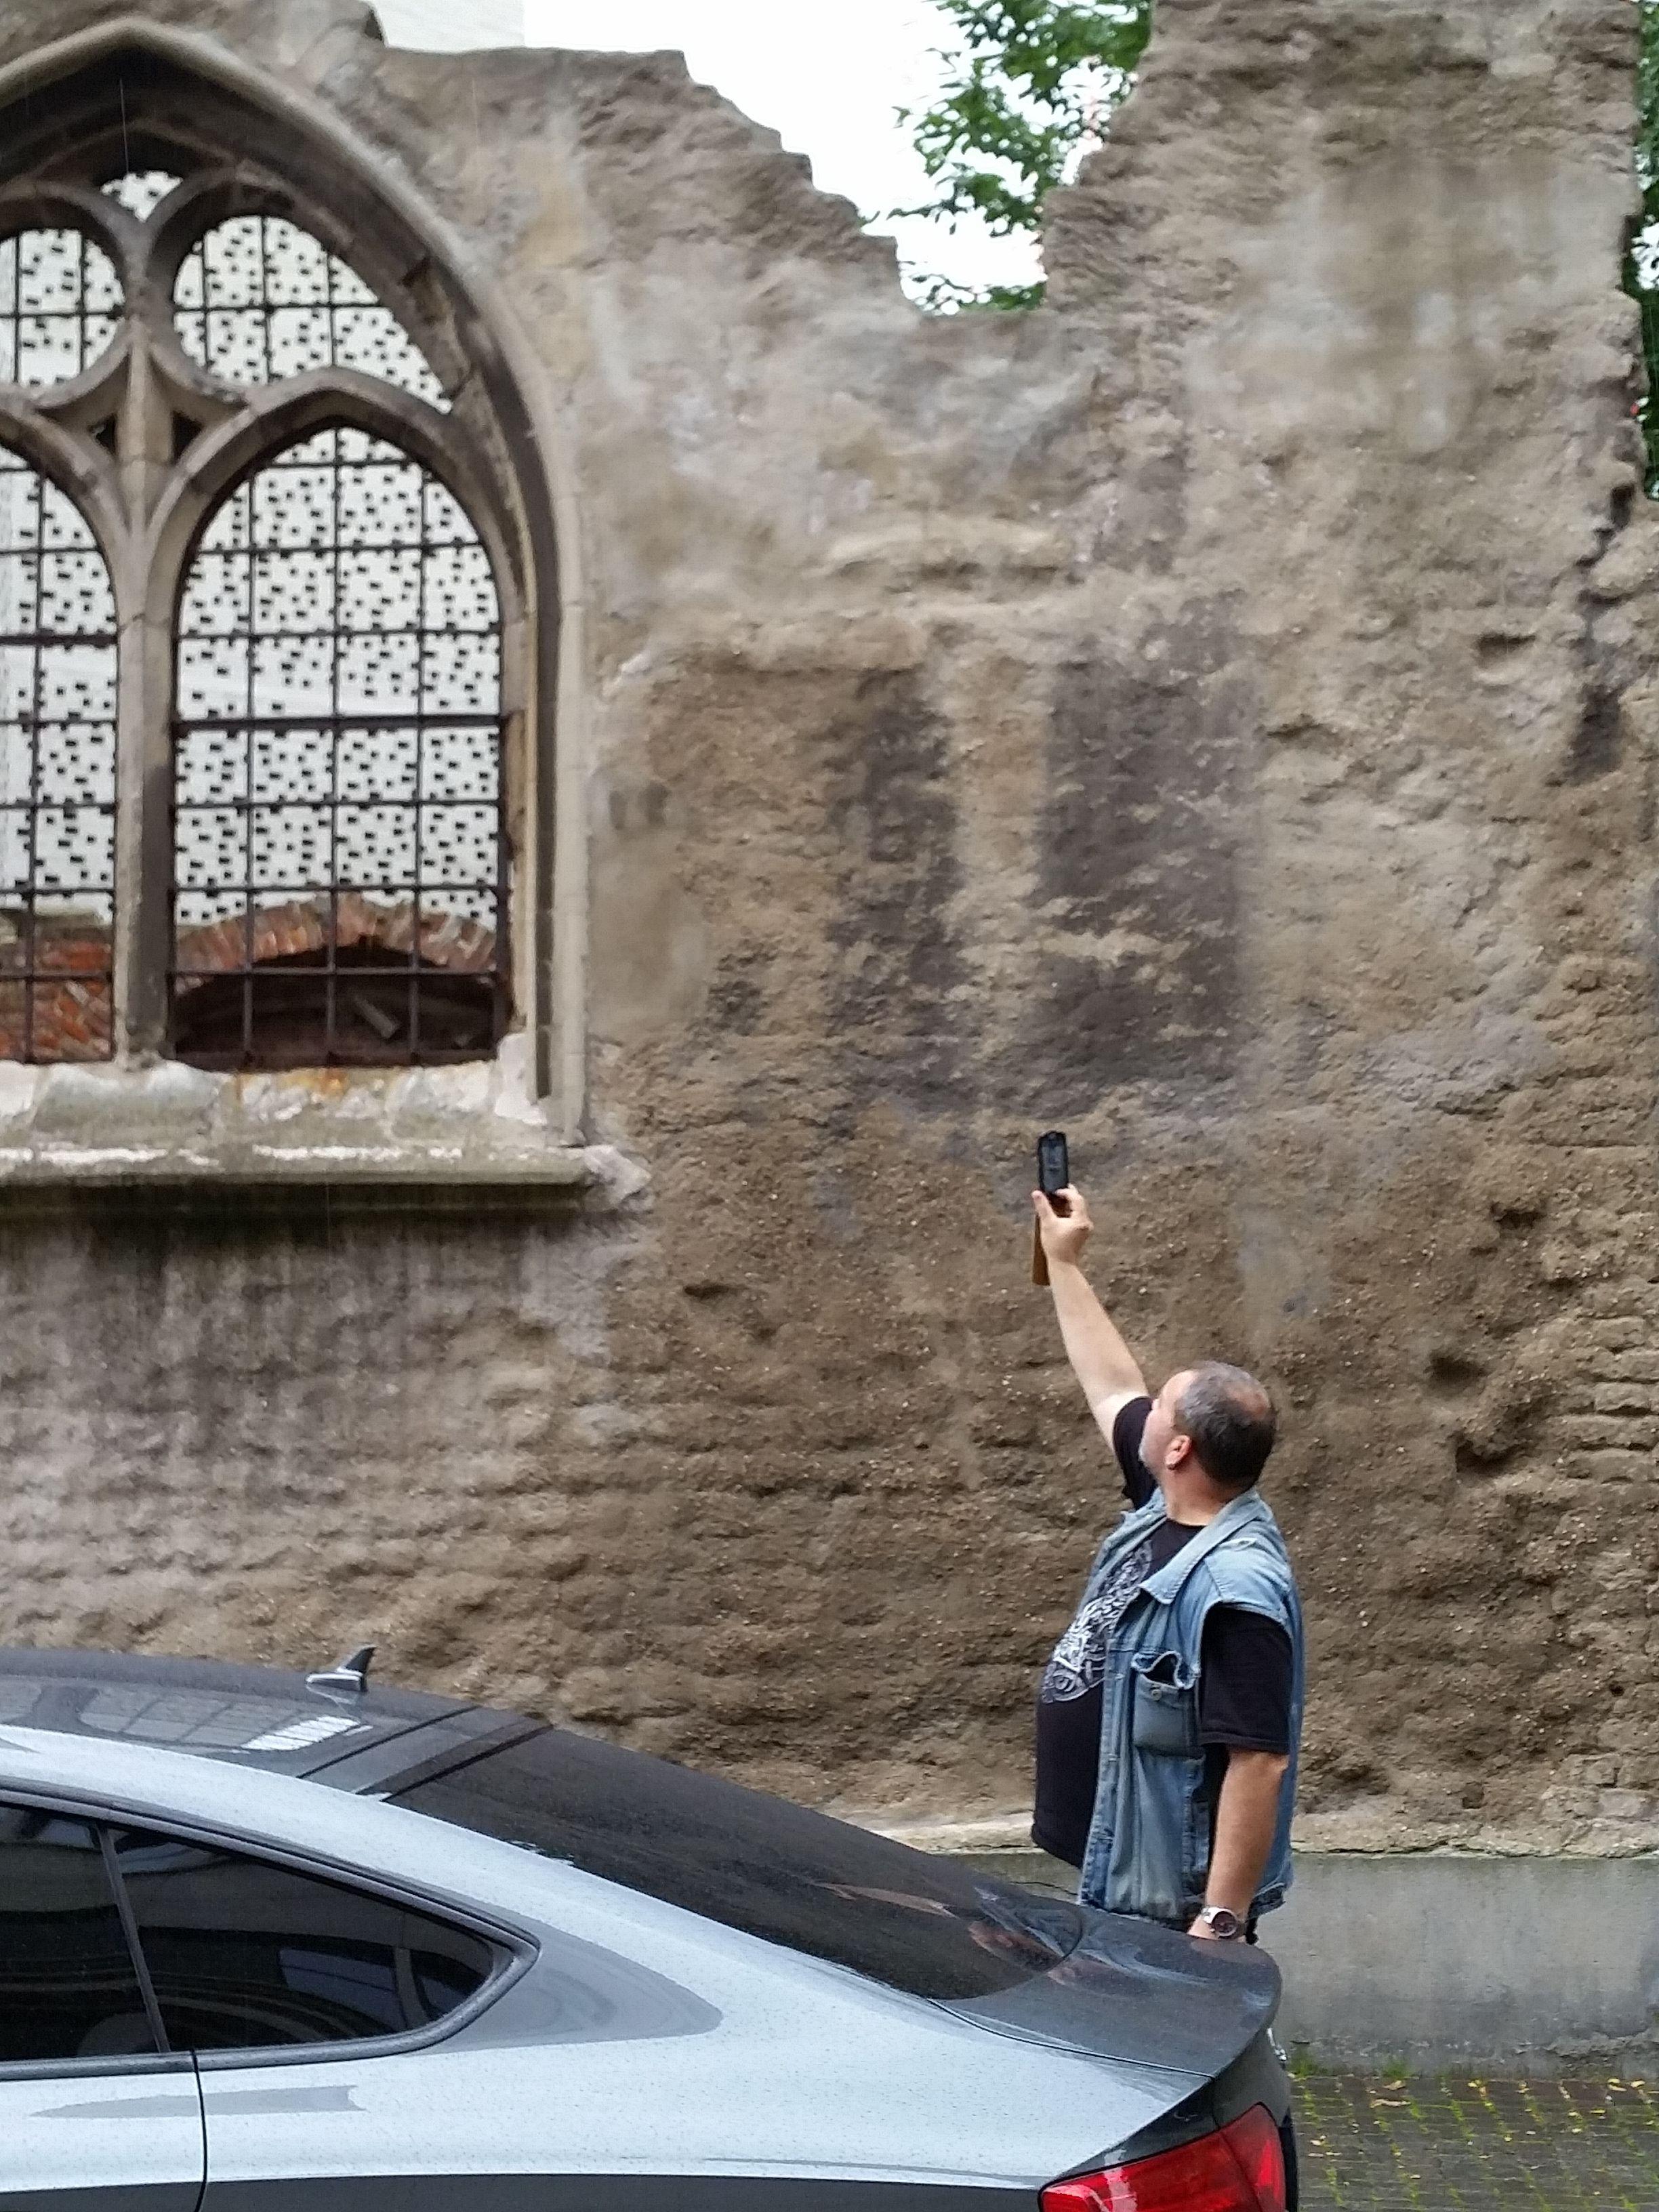 Ruine der Kirche St. Kolumab in Köln September 2014. Frank fotografiert von aussen die Aussenmauer mit einem Teil der Neubaumauer des Museums.